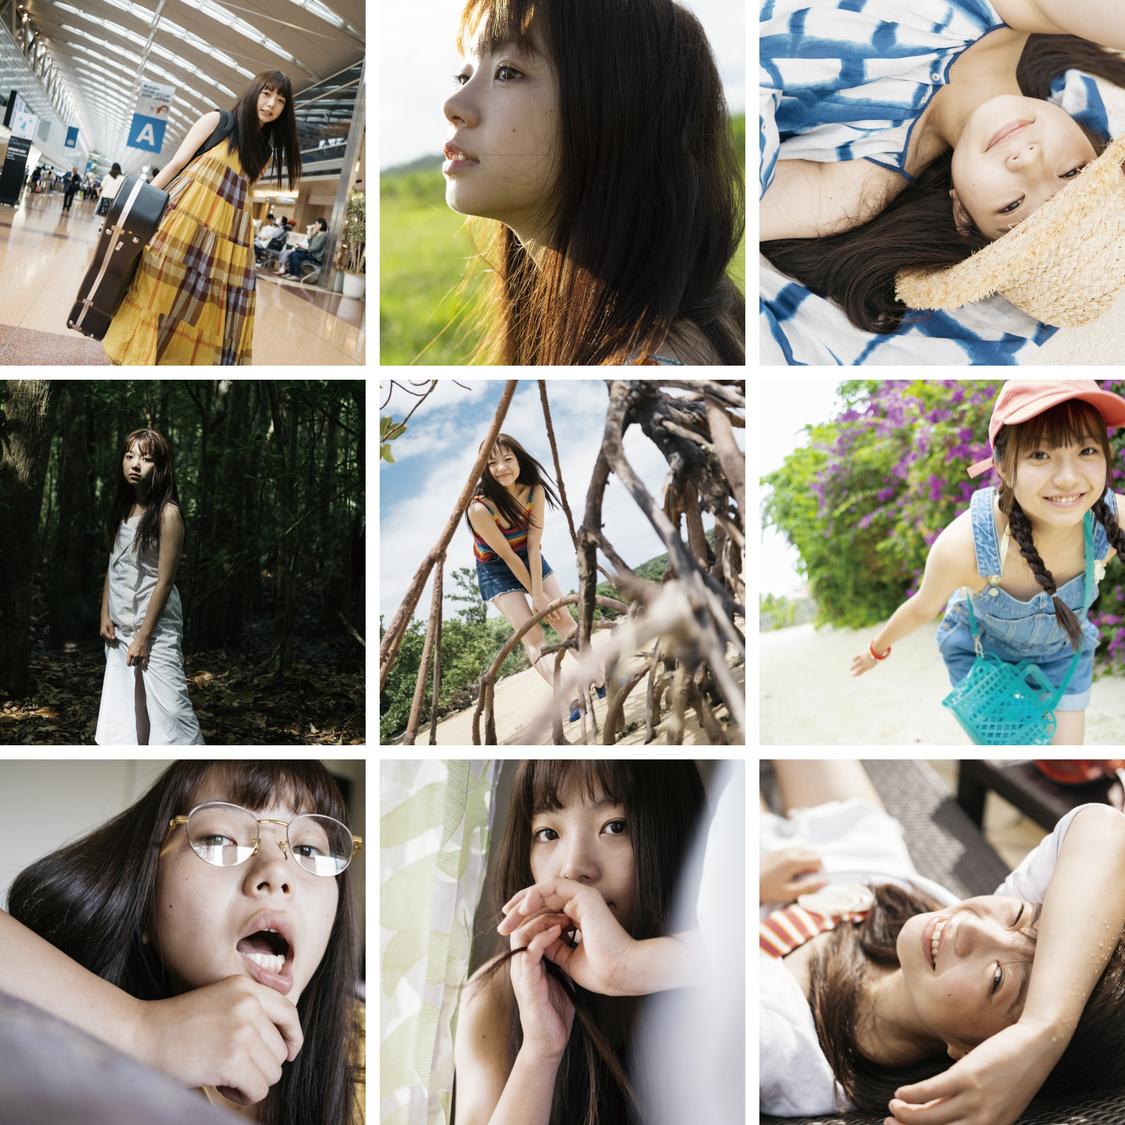 9nine 村田寛奈、セルフプロデュース写真集発売決定!「やりたいことをたくさんさせてもらいました」